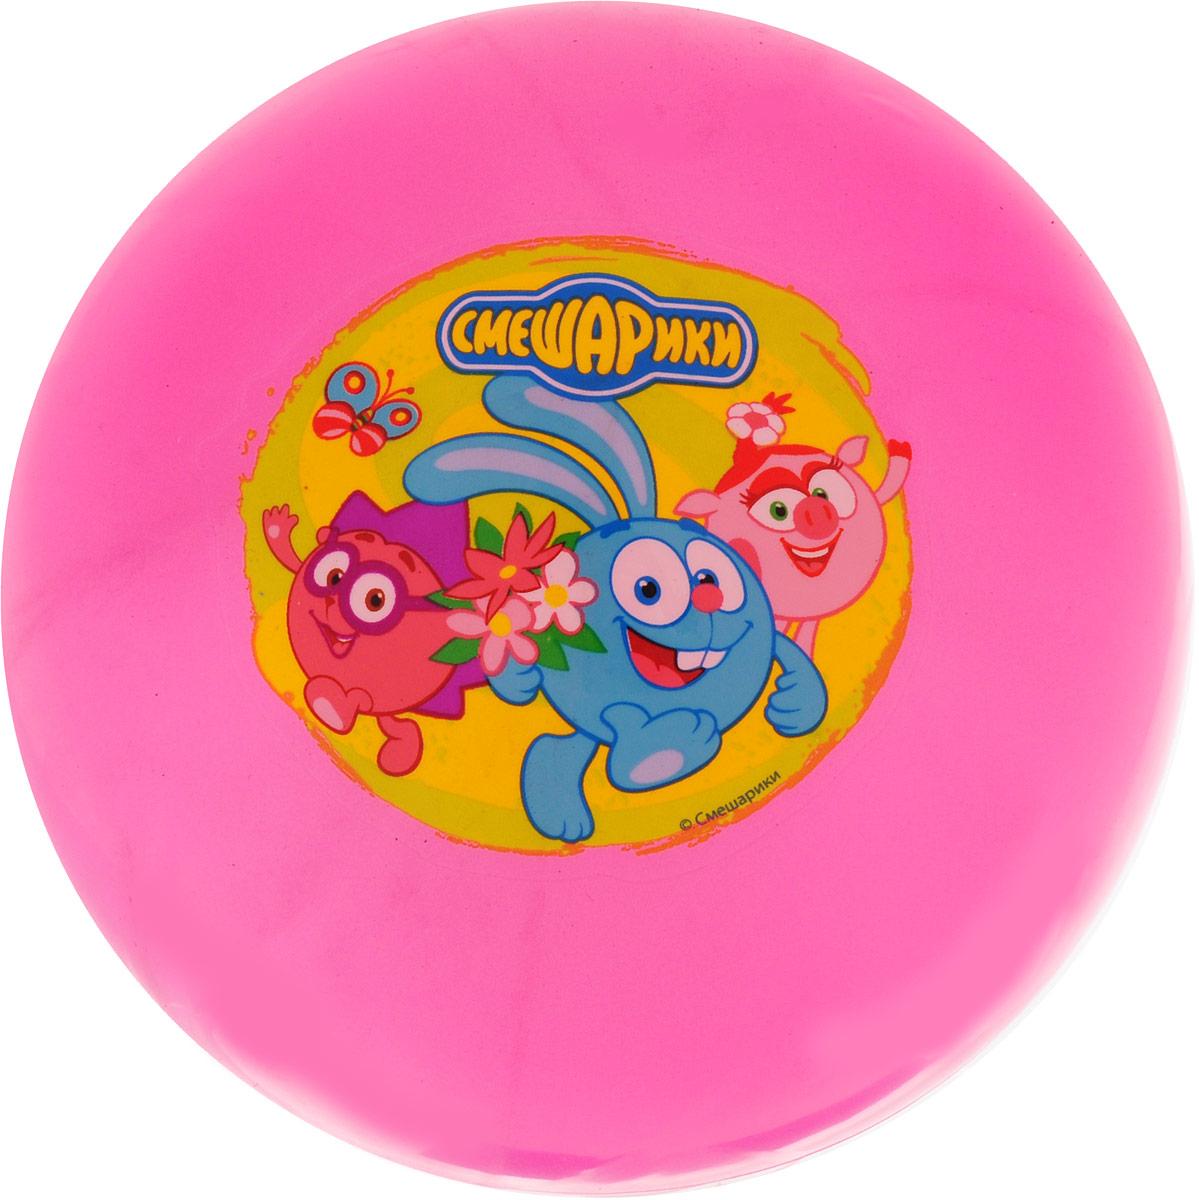 Играем вместе Мяч детский Смешарики цвет розовый 23 см